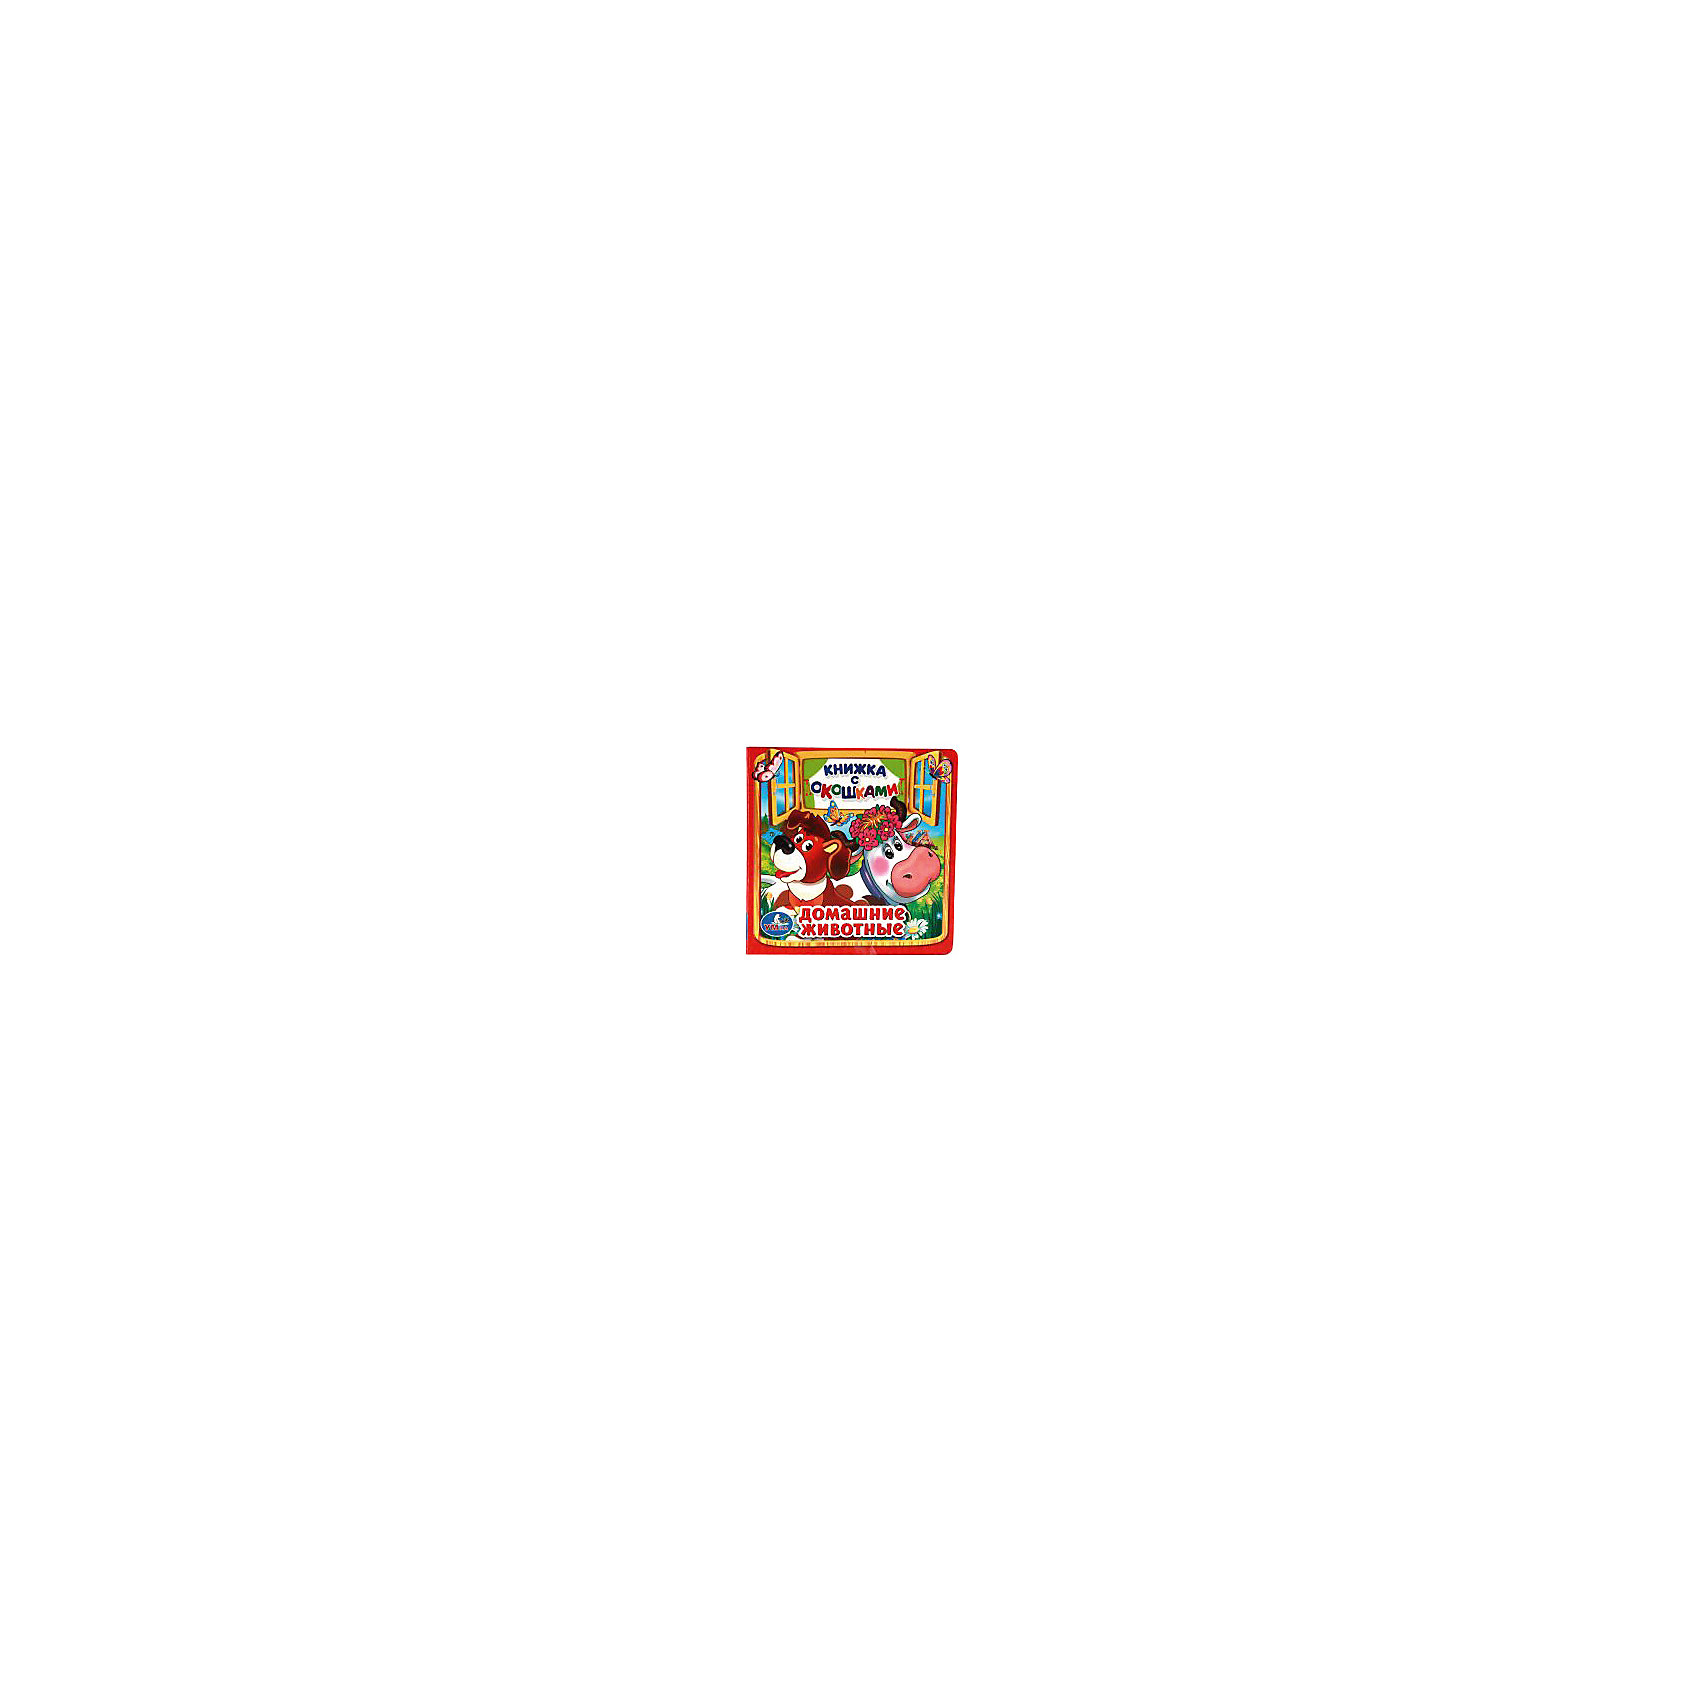 Книжка с окошками Домашние животныеКниги с окошками<br>Характеристики товара:<br><br>• размер: 13x13 см<br>• материал: картон, бумага<br>• страниц: 10<br>• возраст: 0+<br>• обложка: твердая<br>• цветные иллюстрации<br>• страна бренда: РФ<br>• страна изготовитель: РФ<br><br>Стихи не только развлекают малышей, они помогают учиться и познавать мир! Такая книжка станет отличным подарком ребенку и родителям - ведь с помощью неё можно узнавать о многих животных и рассматривать картинки. Формат - очень удобный, качество печати - отличное! Книжка дополнена яркими картинками. На каждом развороте есть секретное окошко с загадкой - книжки с окошками особенно нравятся малышам.<br>Чтение даже в юном возрасте помогает детям развивать важные навыки и способности, оно активизирует мышление, формирует усидчивость, логику и воображение. Изделие производится из качественных и проверенных материалов, которые безопасны для детей.<br><br>Книжку с окошками Домашние животные от бренда Умка можно купить в нашем интернет-магазине.<br><br>Ширина мм: 10<br>Глубина мм: 130<br>Высота мм: 130<br>Вес г: 110<br>Возраст от месяцев: 12<br>Возраст до месяцев: 60<br>Пол: Унисекс<br>Возраст: Детский<br>SKU: 5196894